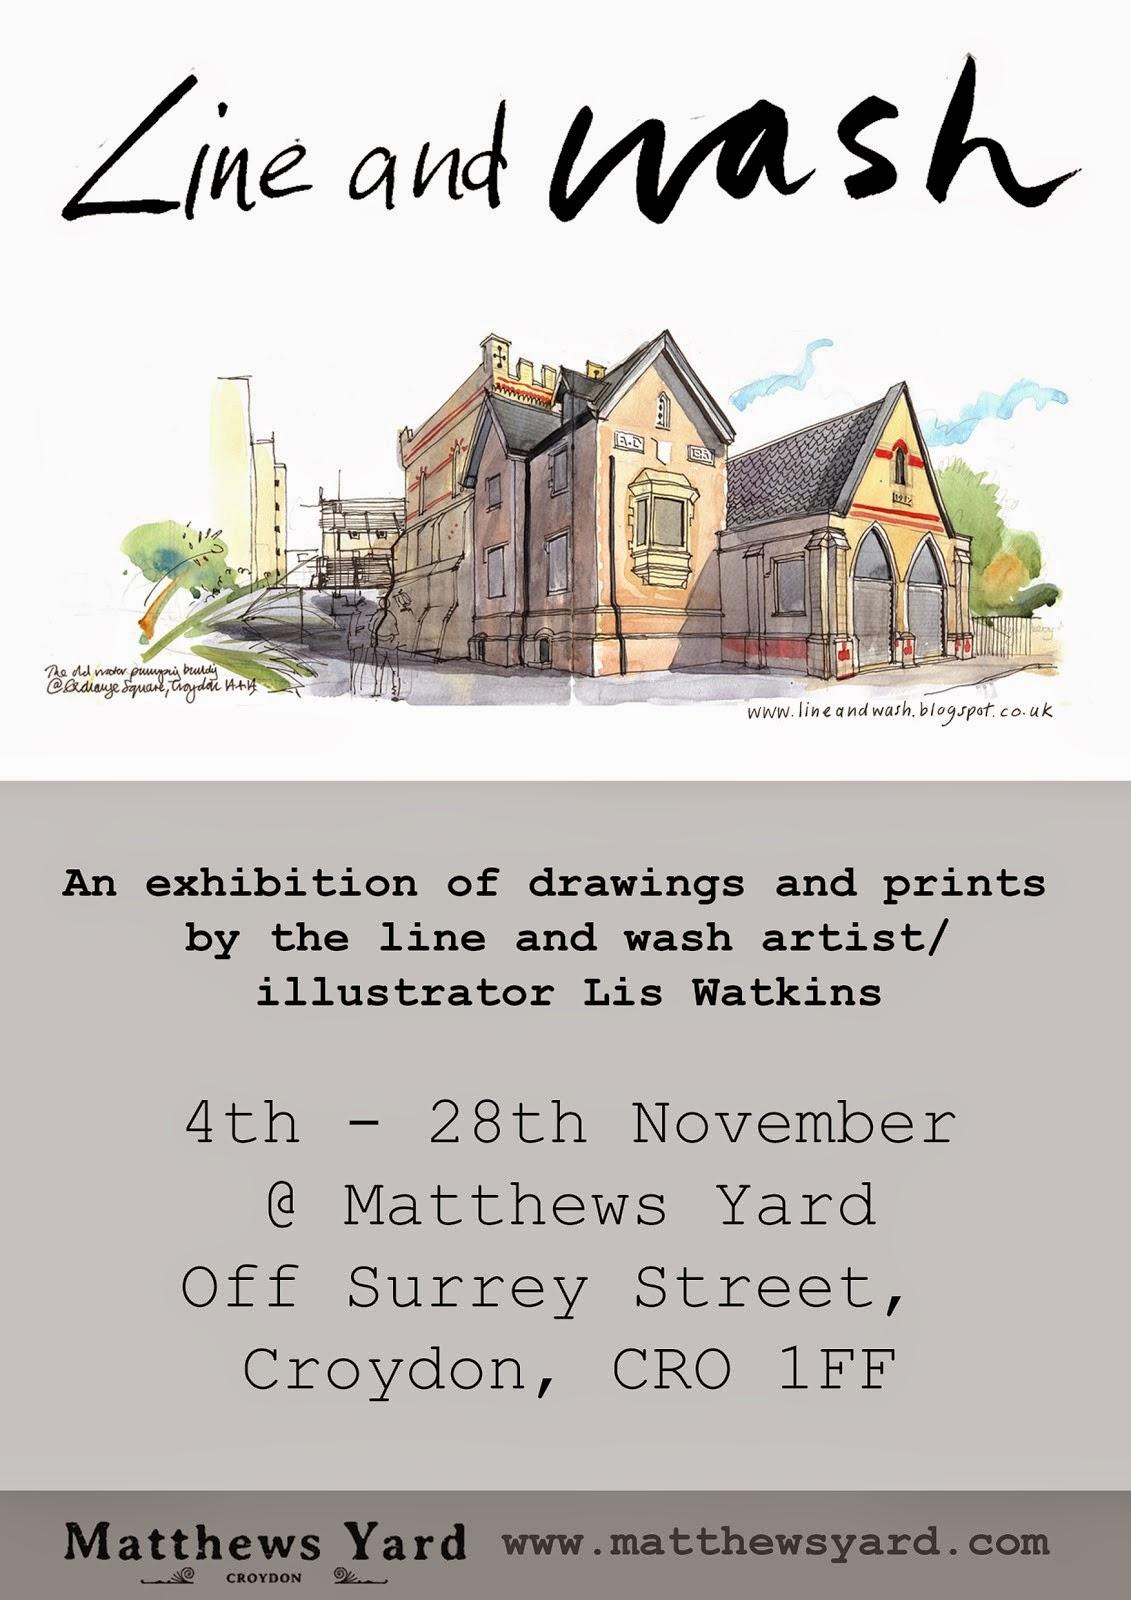 Exhibition news!